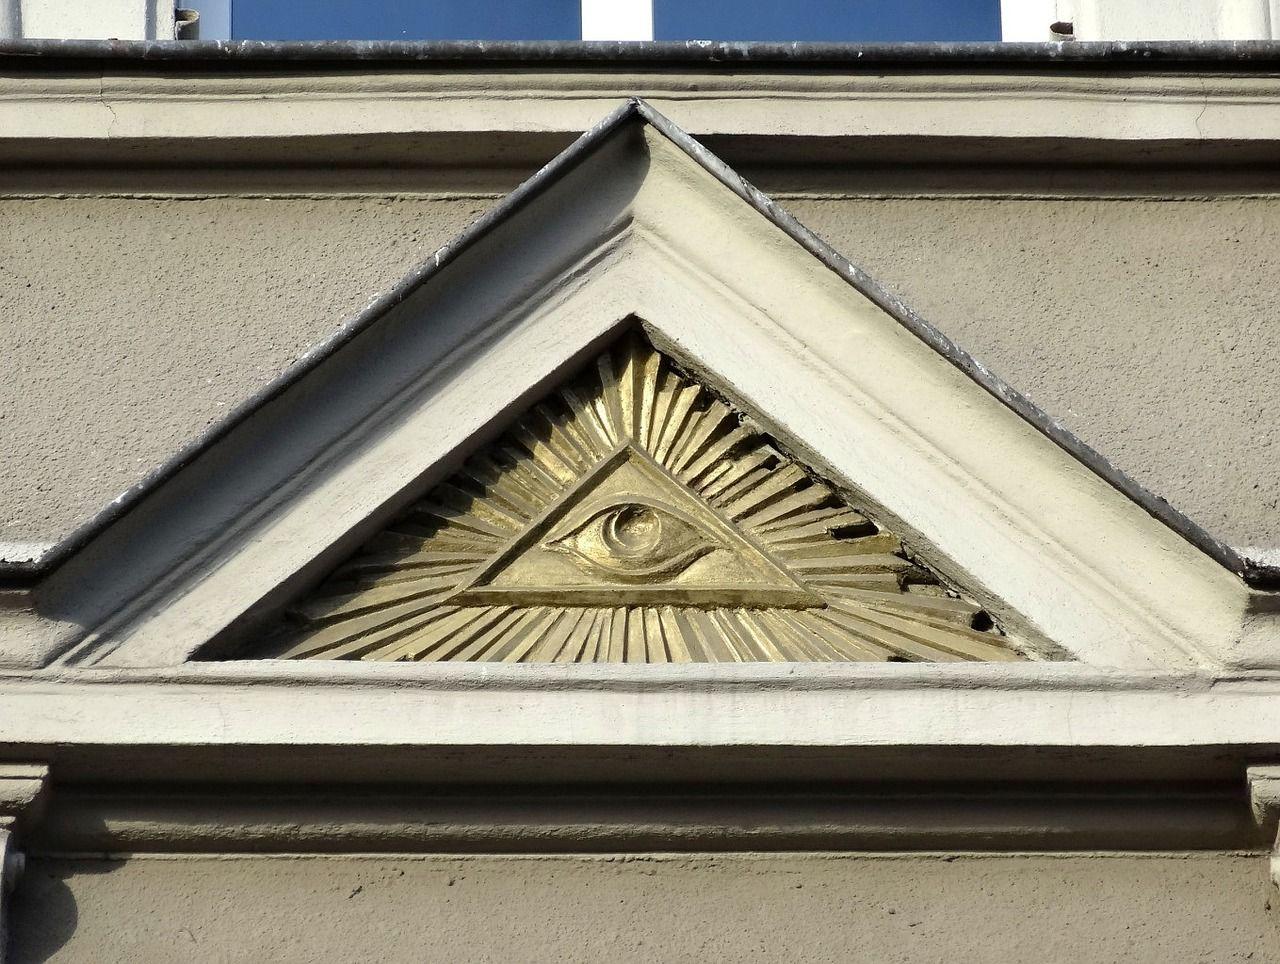 Illuminati: o que é, qual é a origem e quais são os principais símbolos